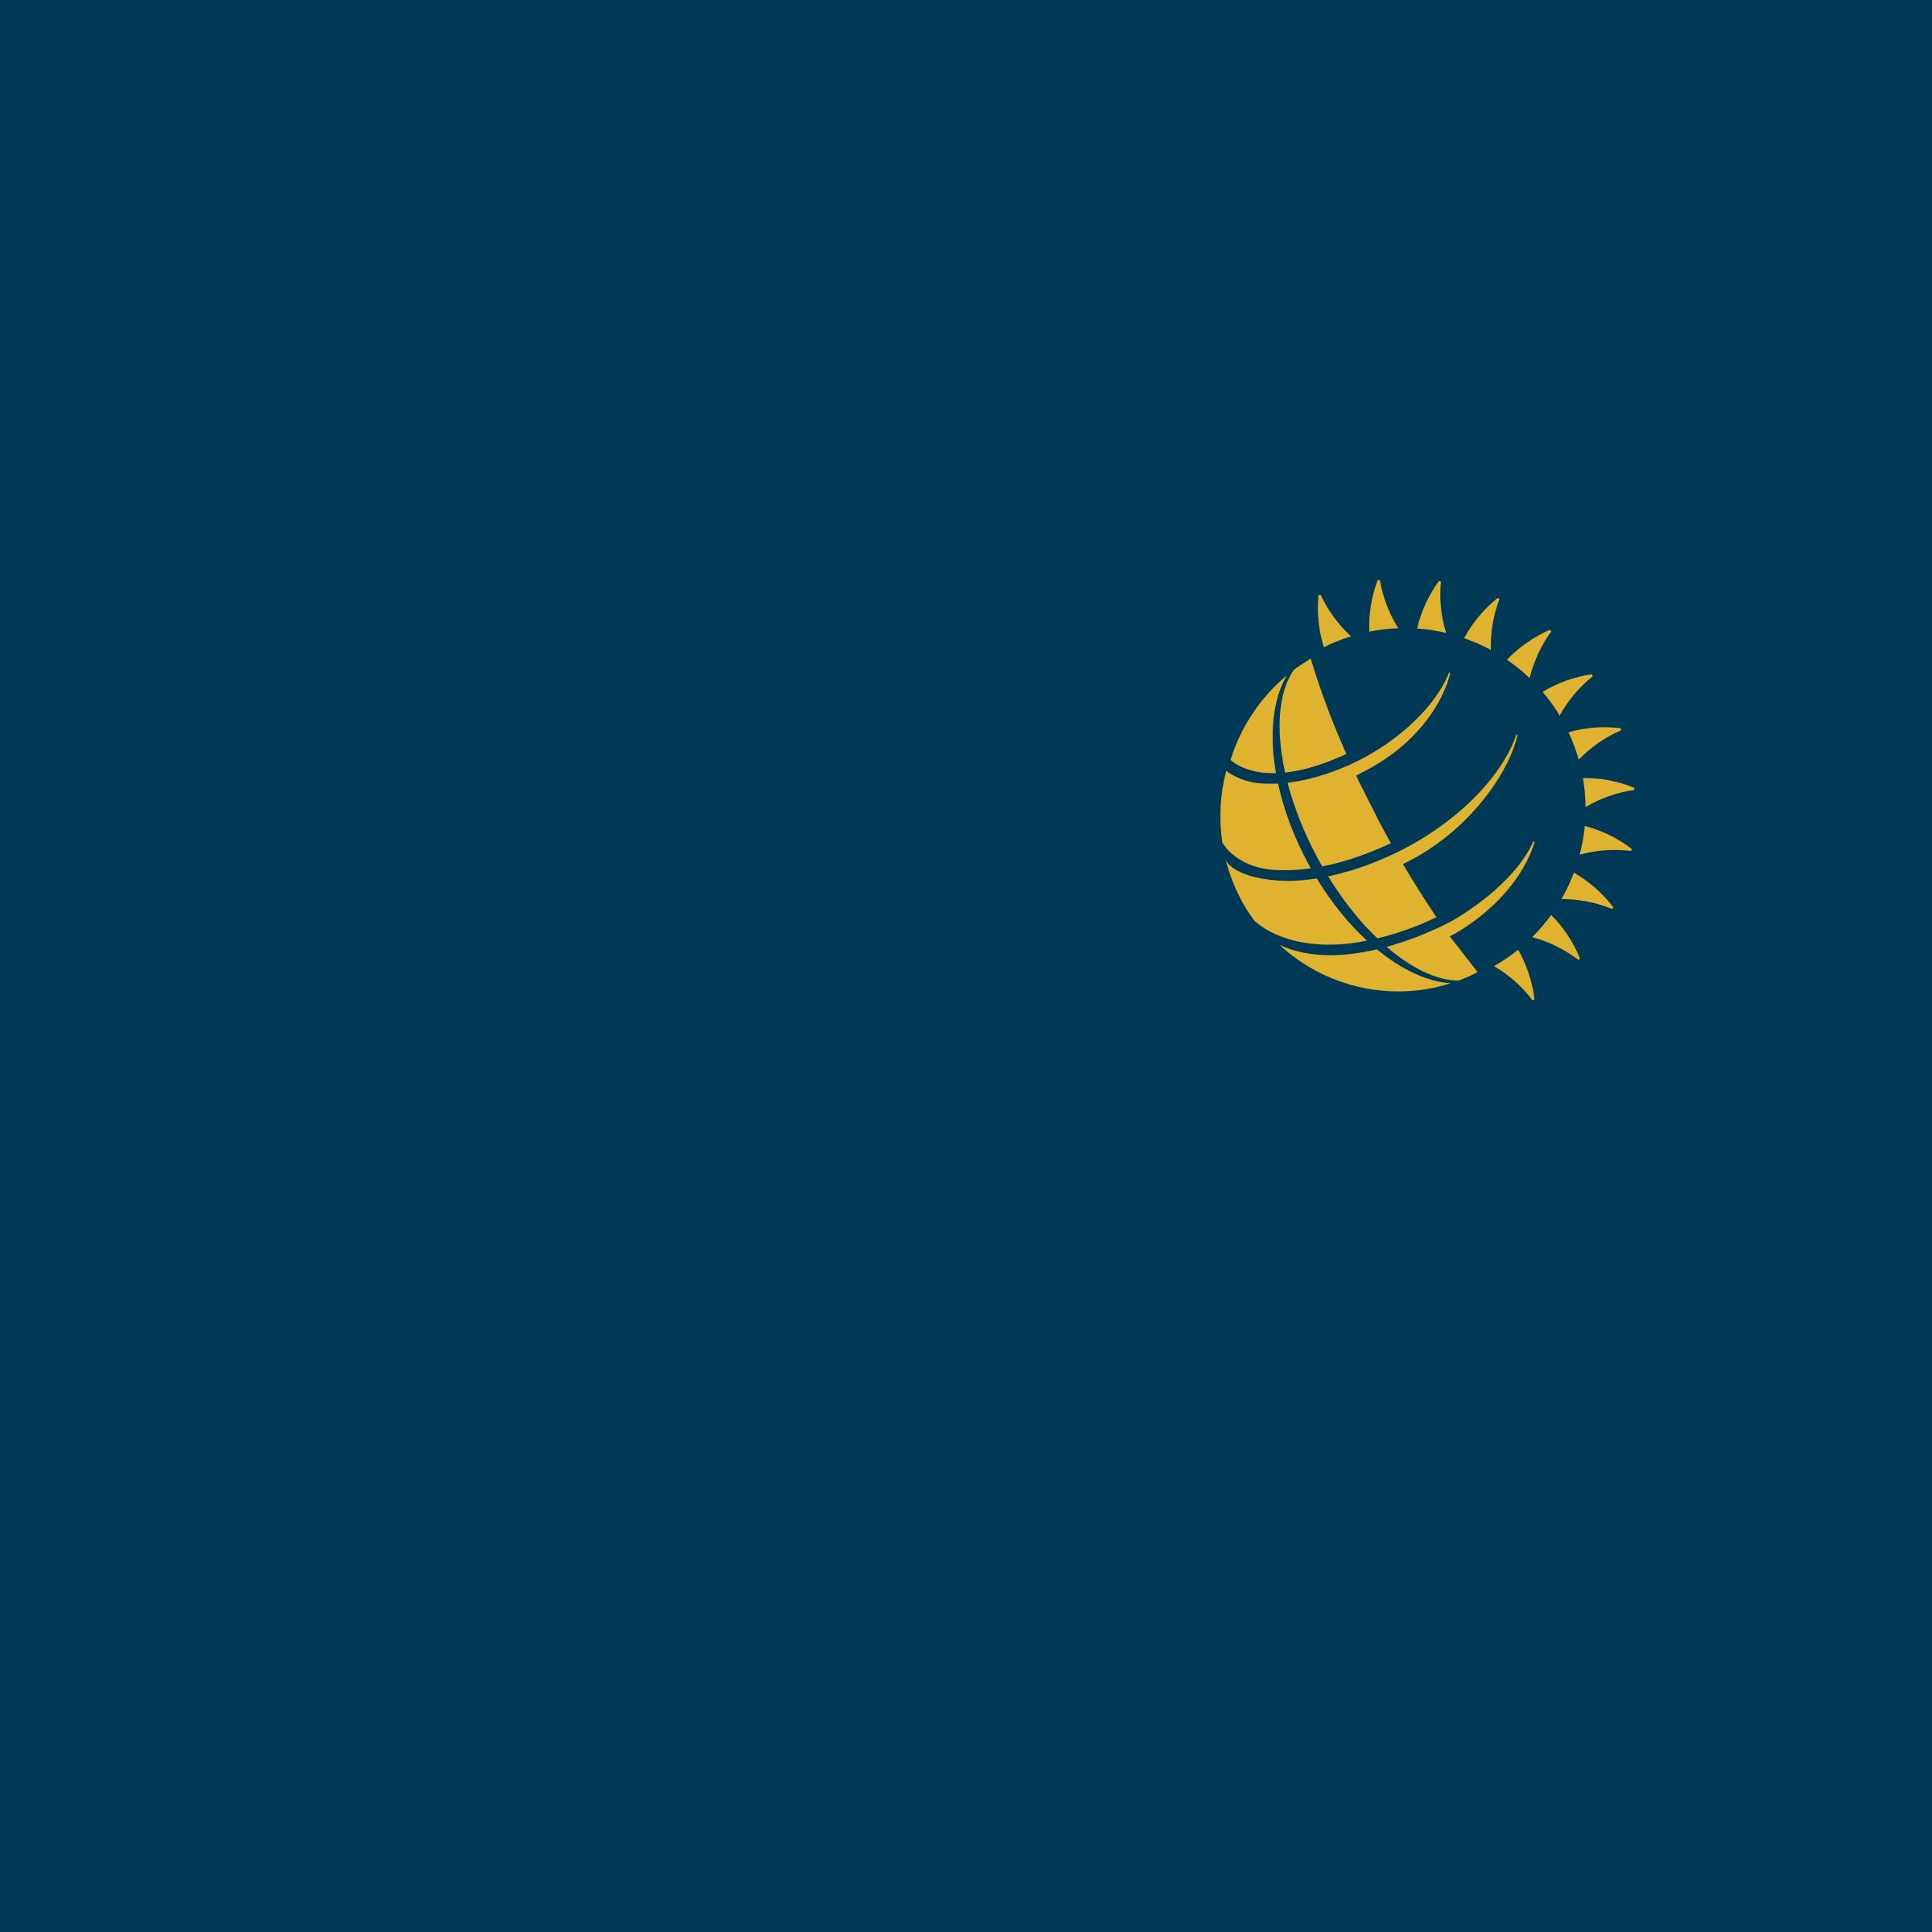 Financiere Sun Life Logo PNG Transparent & SVG Vector.